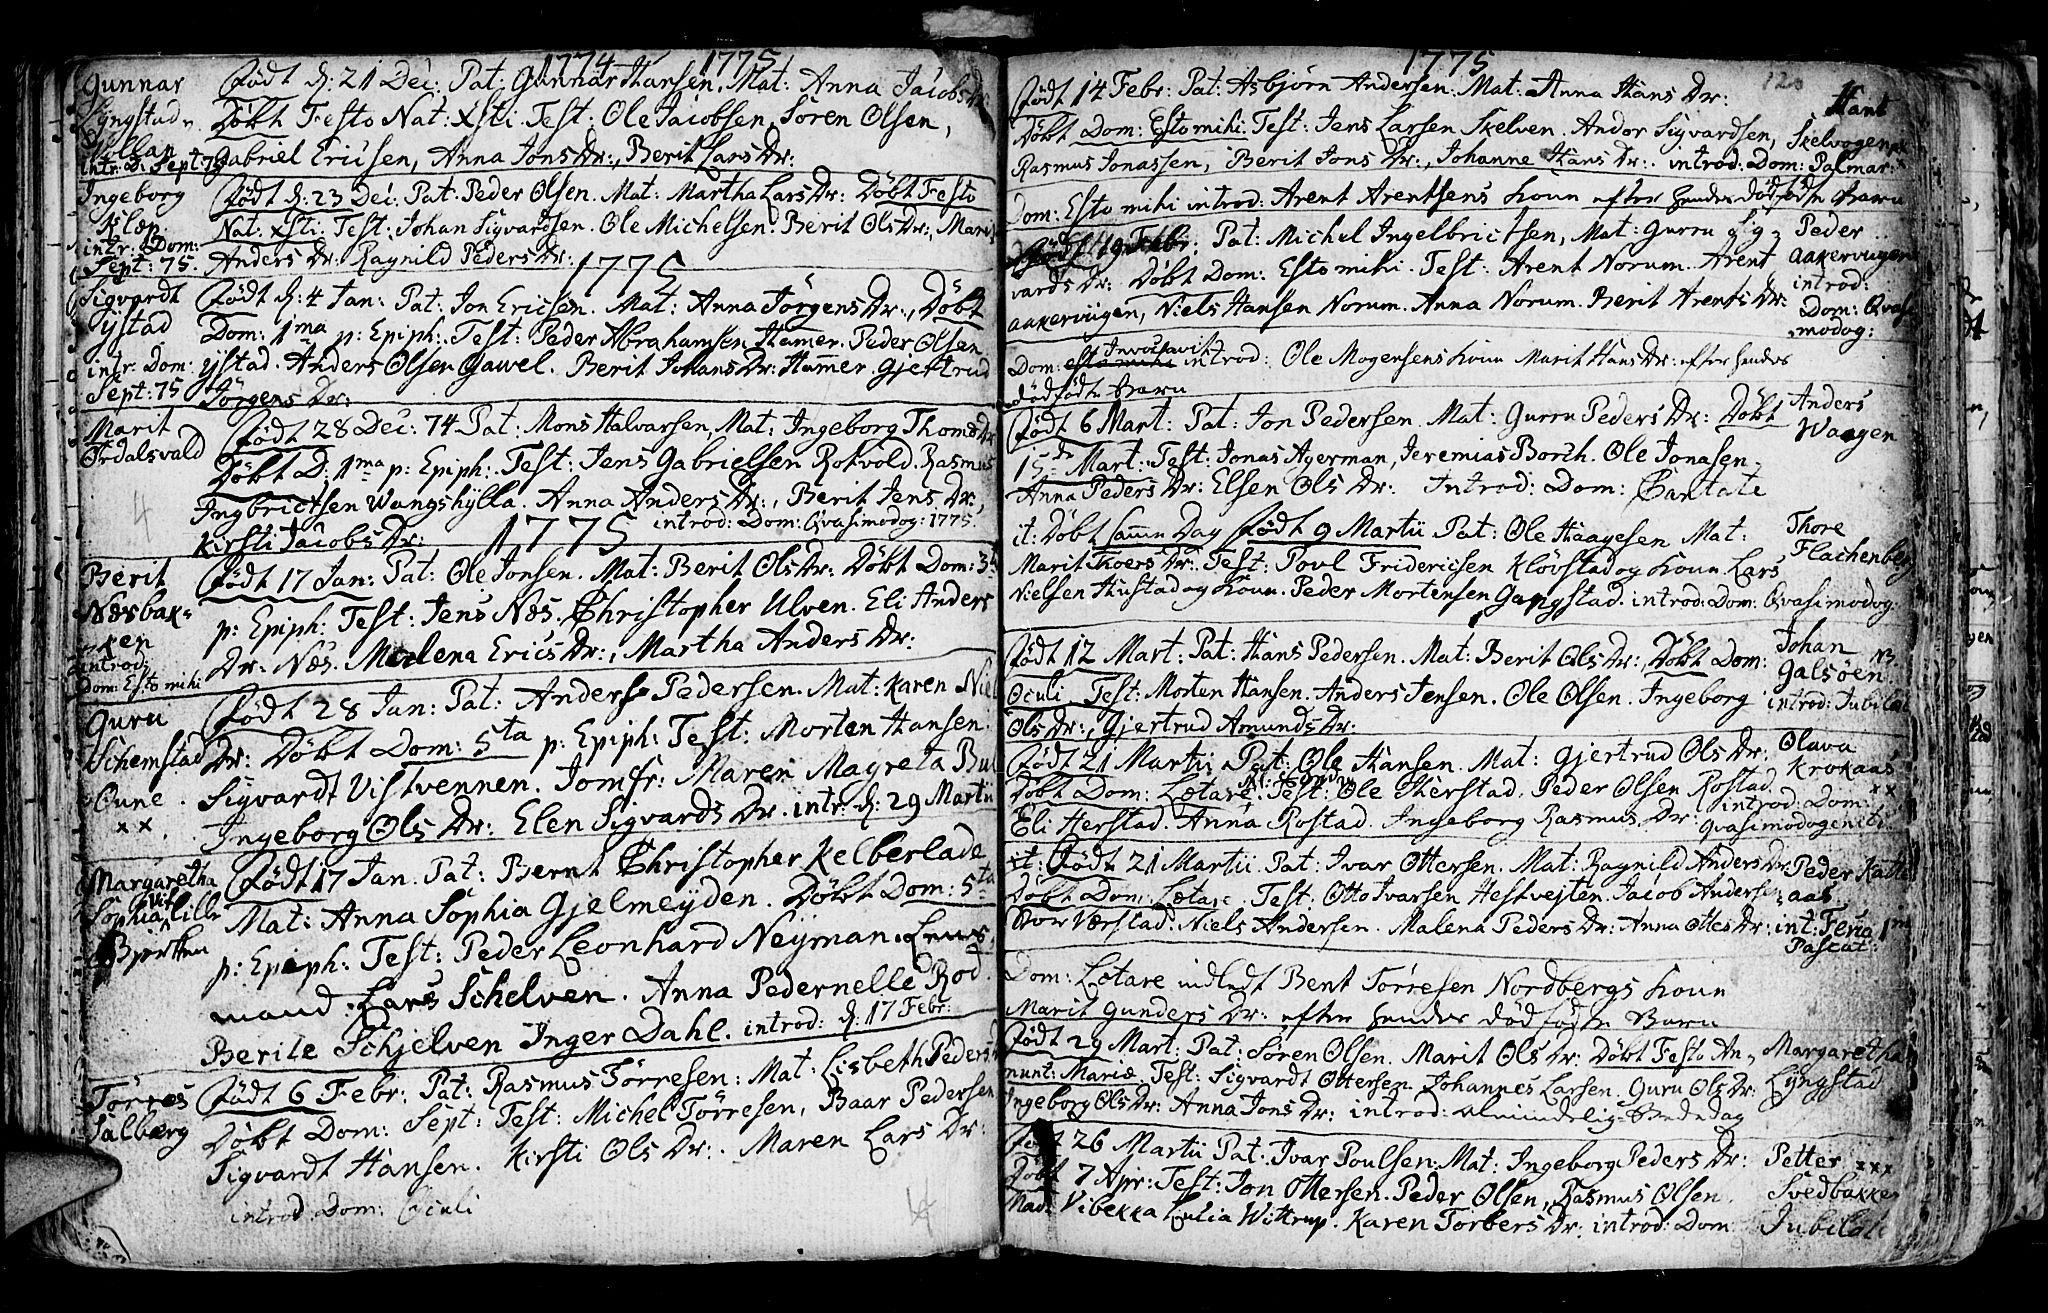 SAT, Ministerialprotokoller, klokkerbøker og fødselsregistre - Nord-Trøndelag, 730/L0273: Ministerialbok nr. 730A02, 1762-1802, s. 120